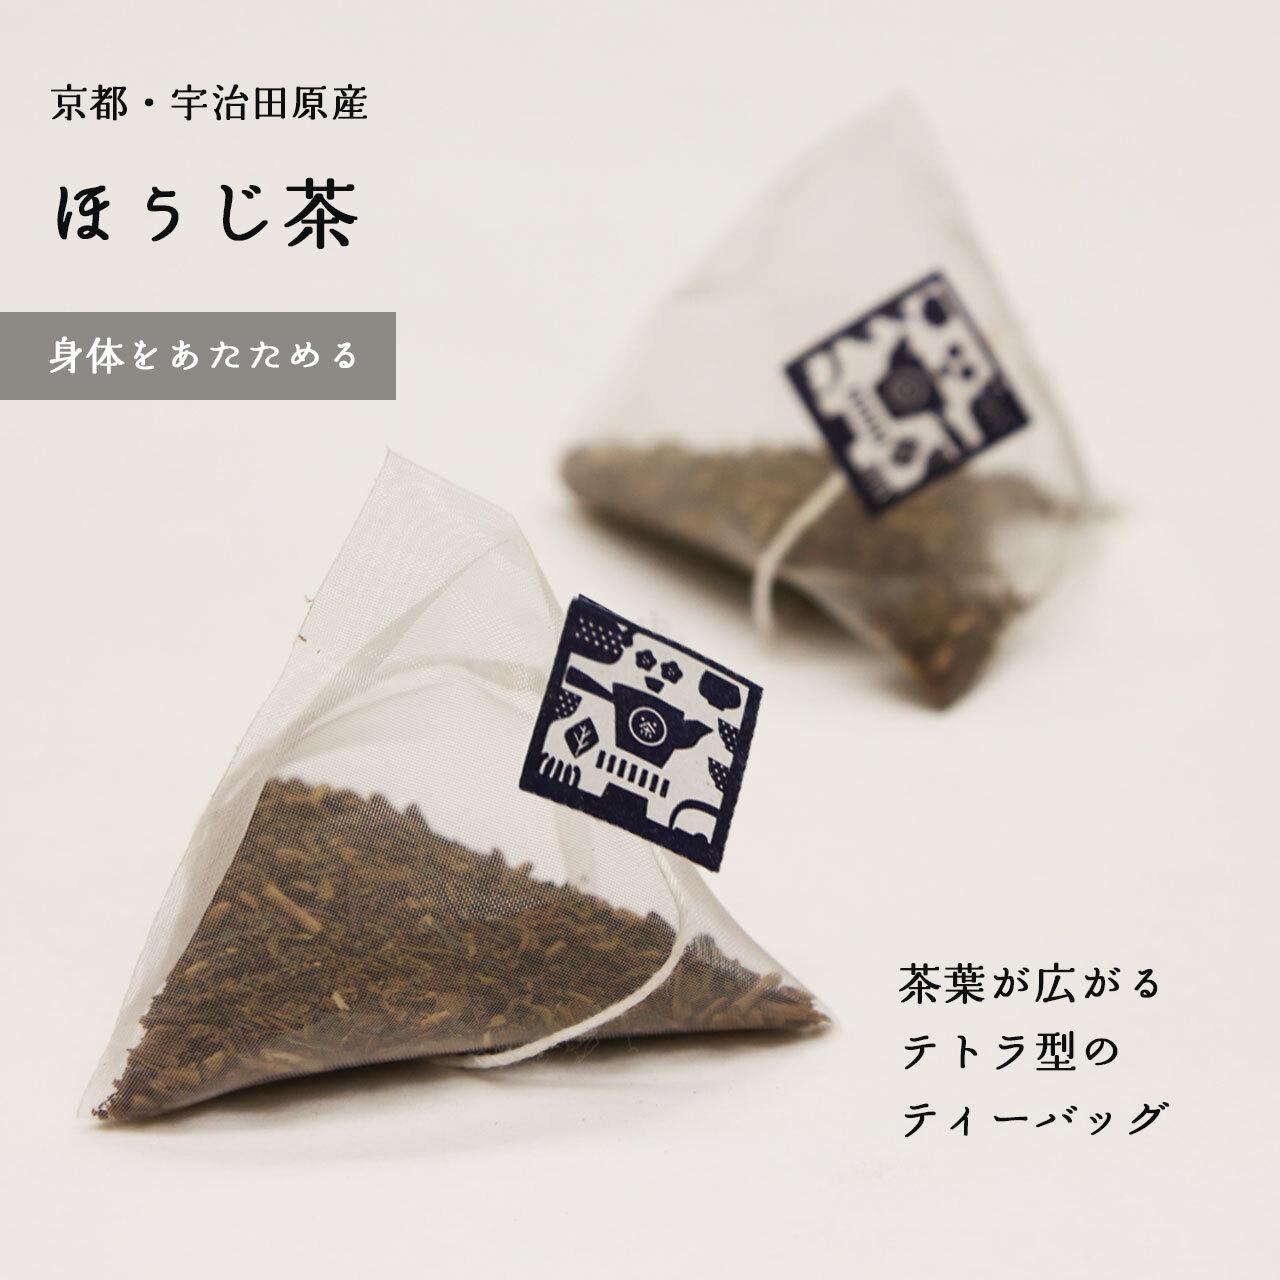 芳ばしく豊かな風味が特徴のほうじ茶